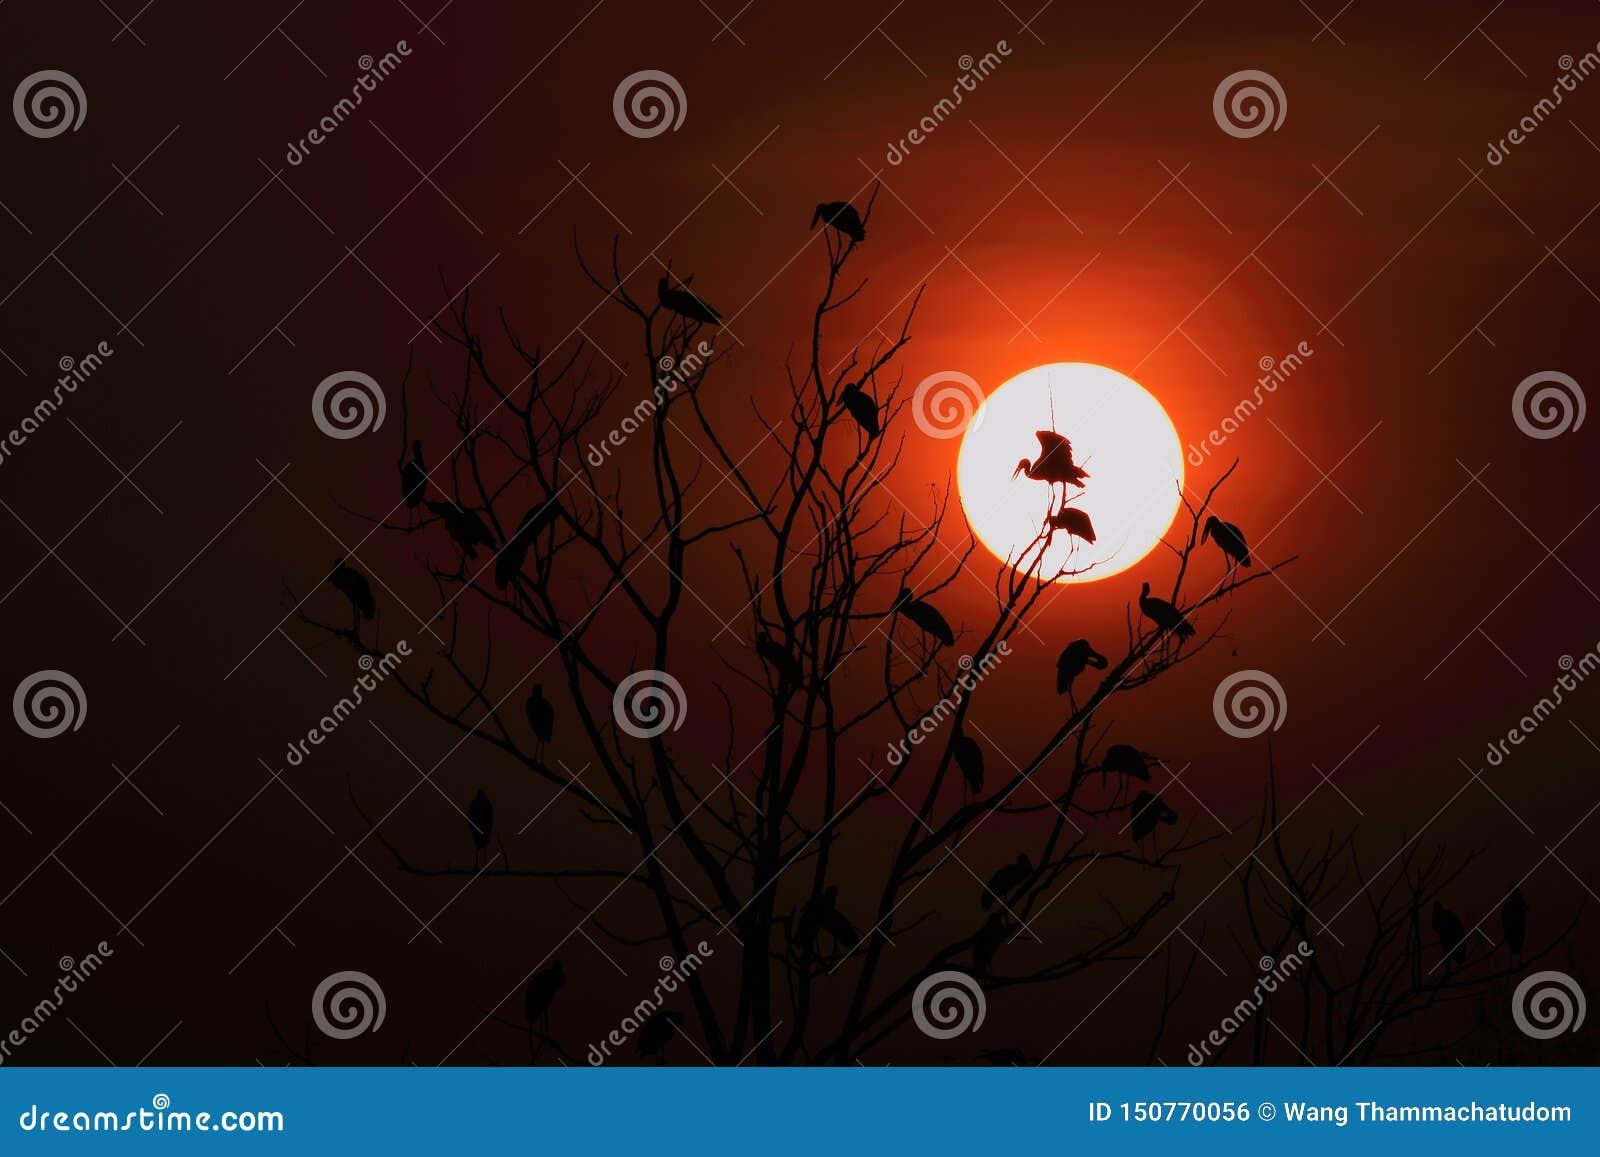 Openbill stork family and sunrise